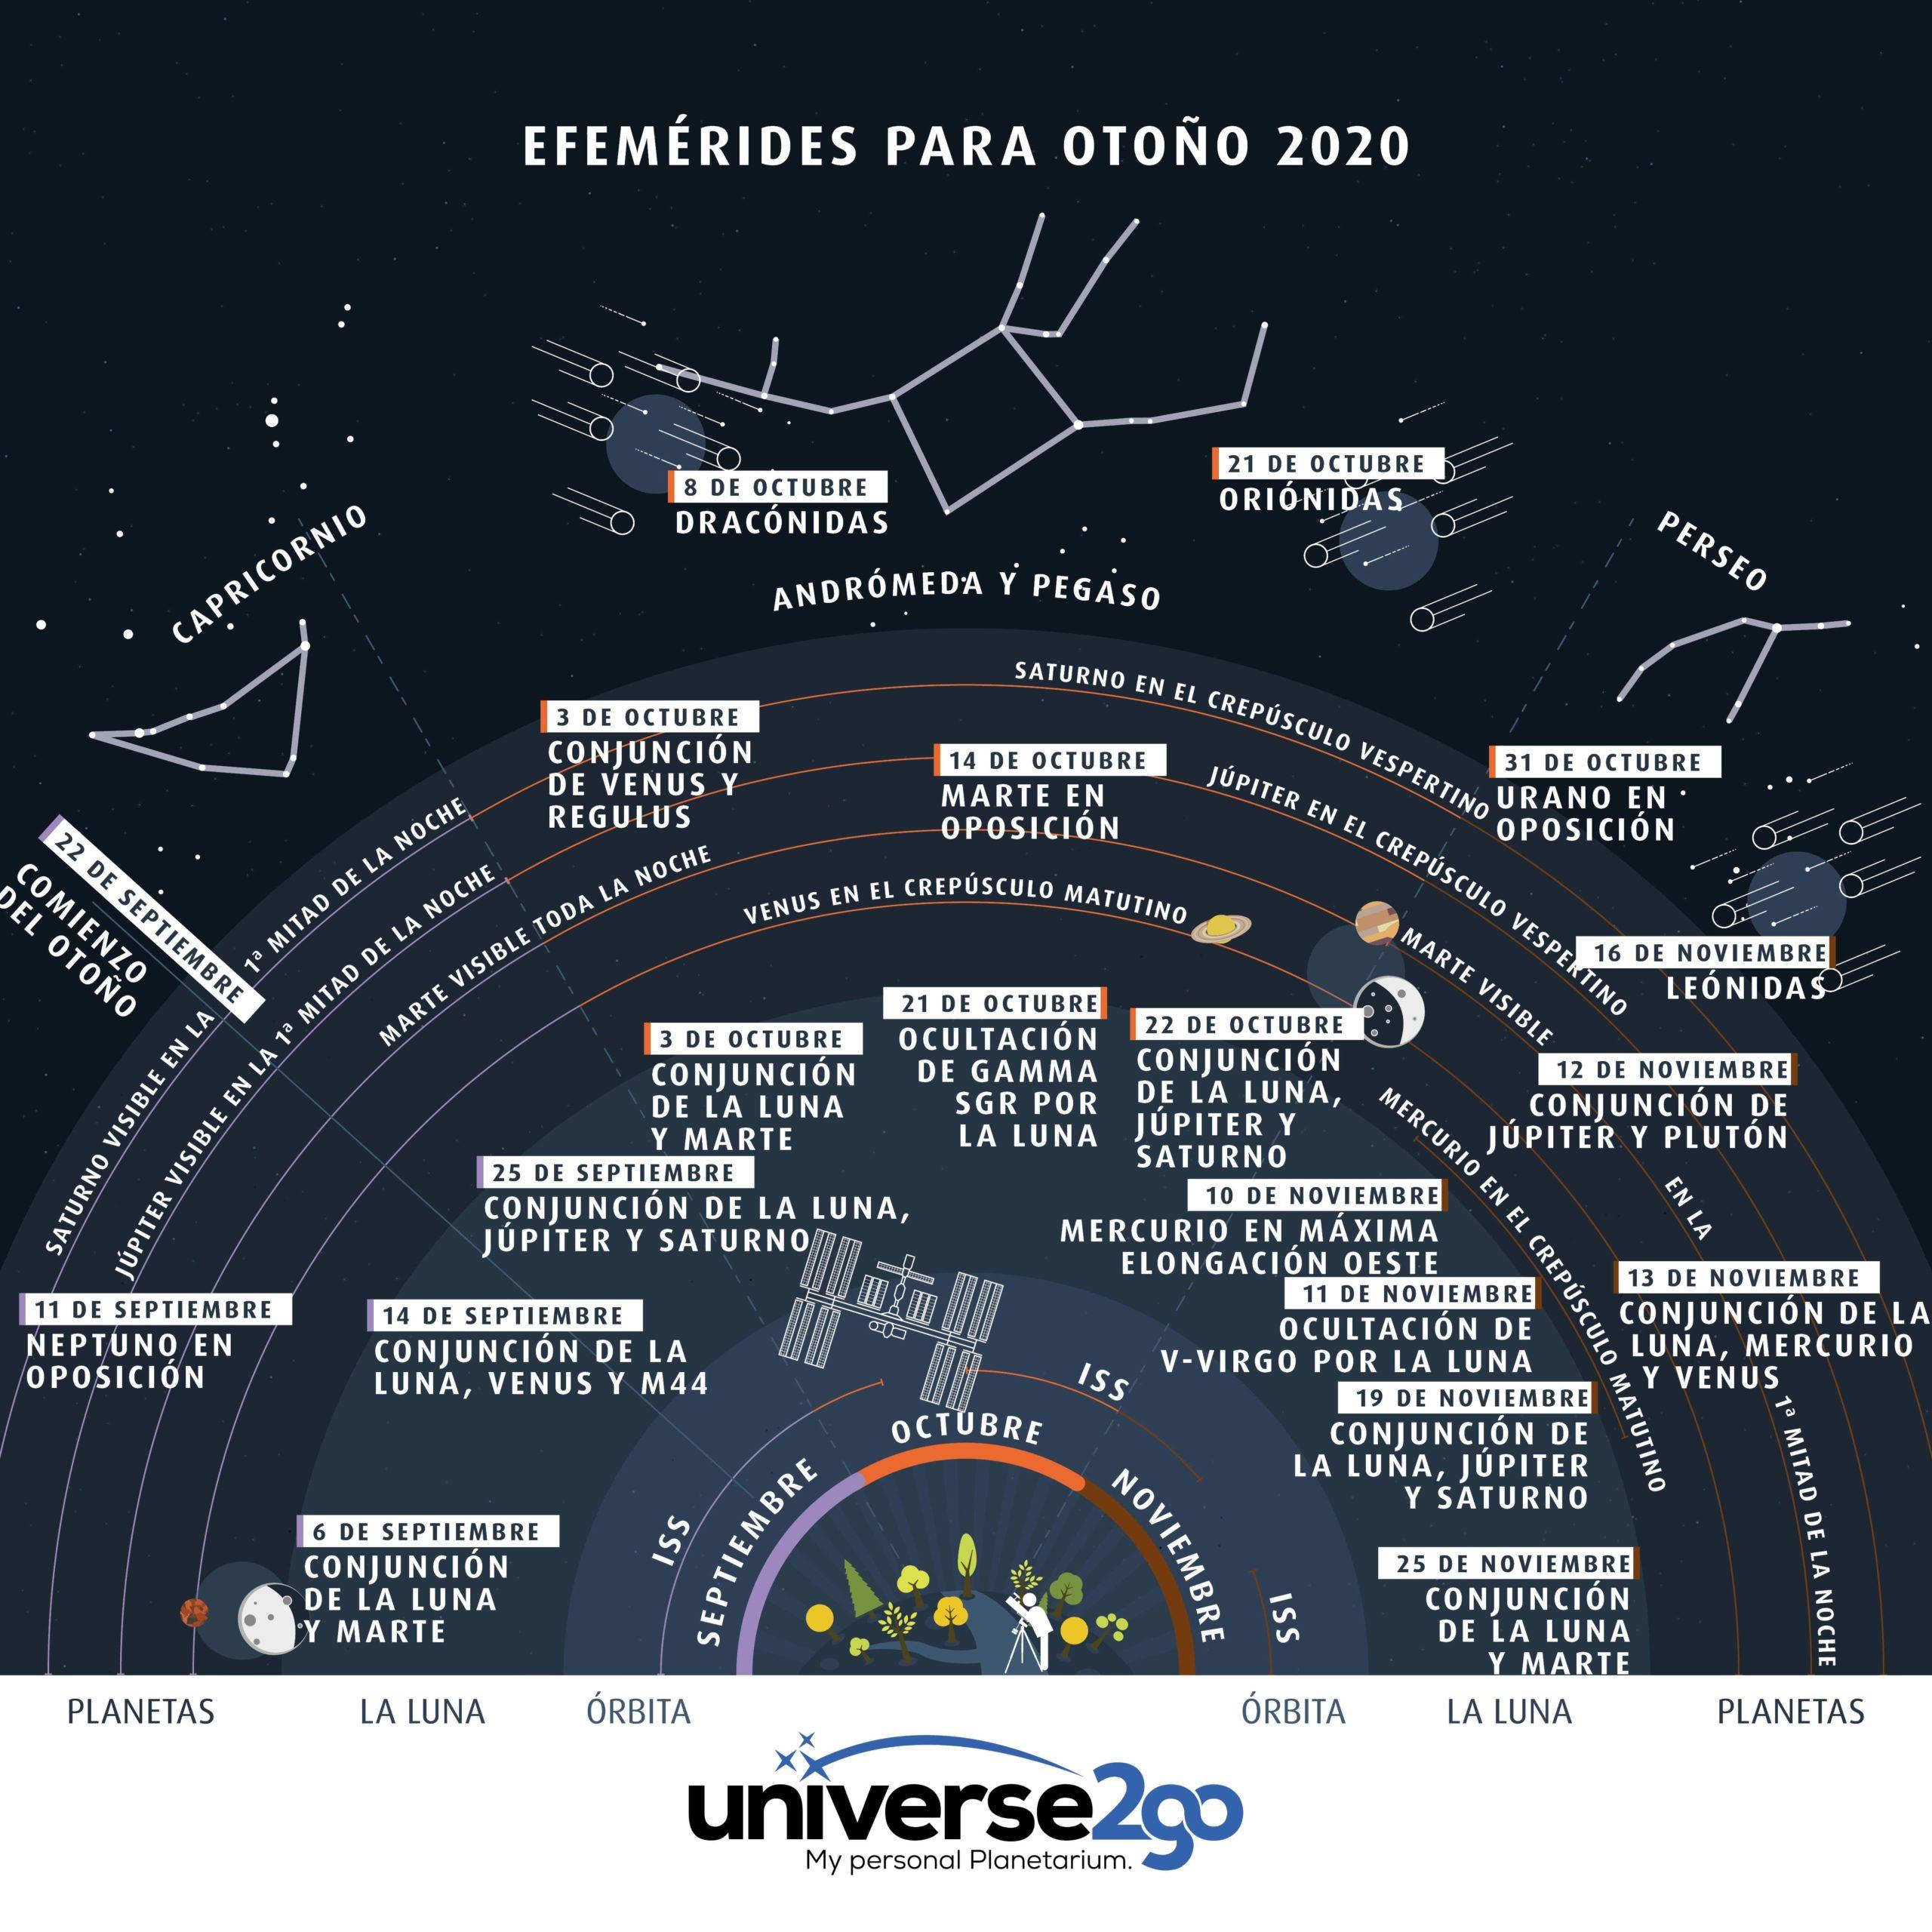 efemerides-otono-2020